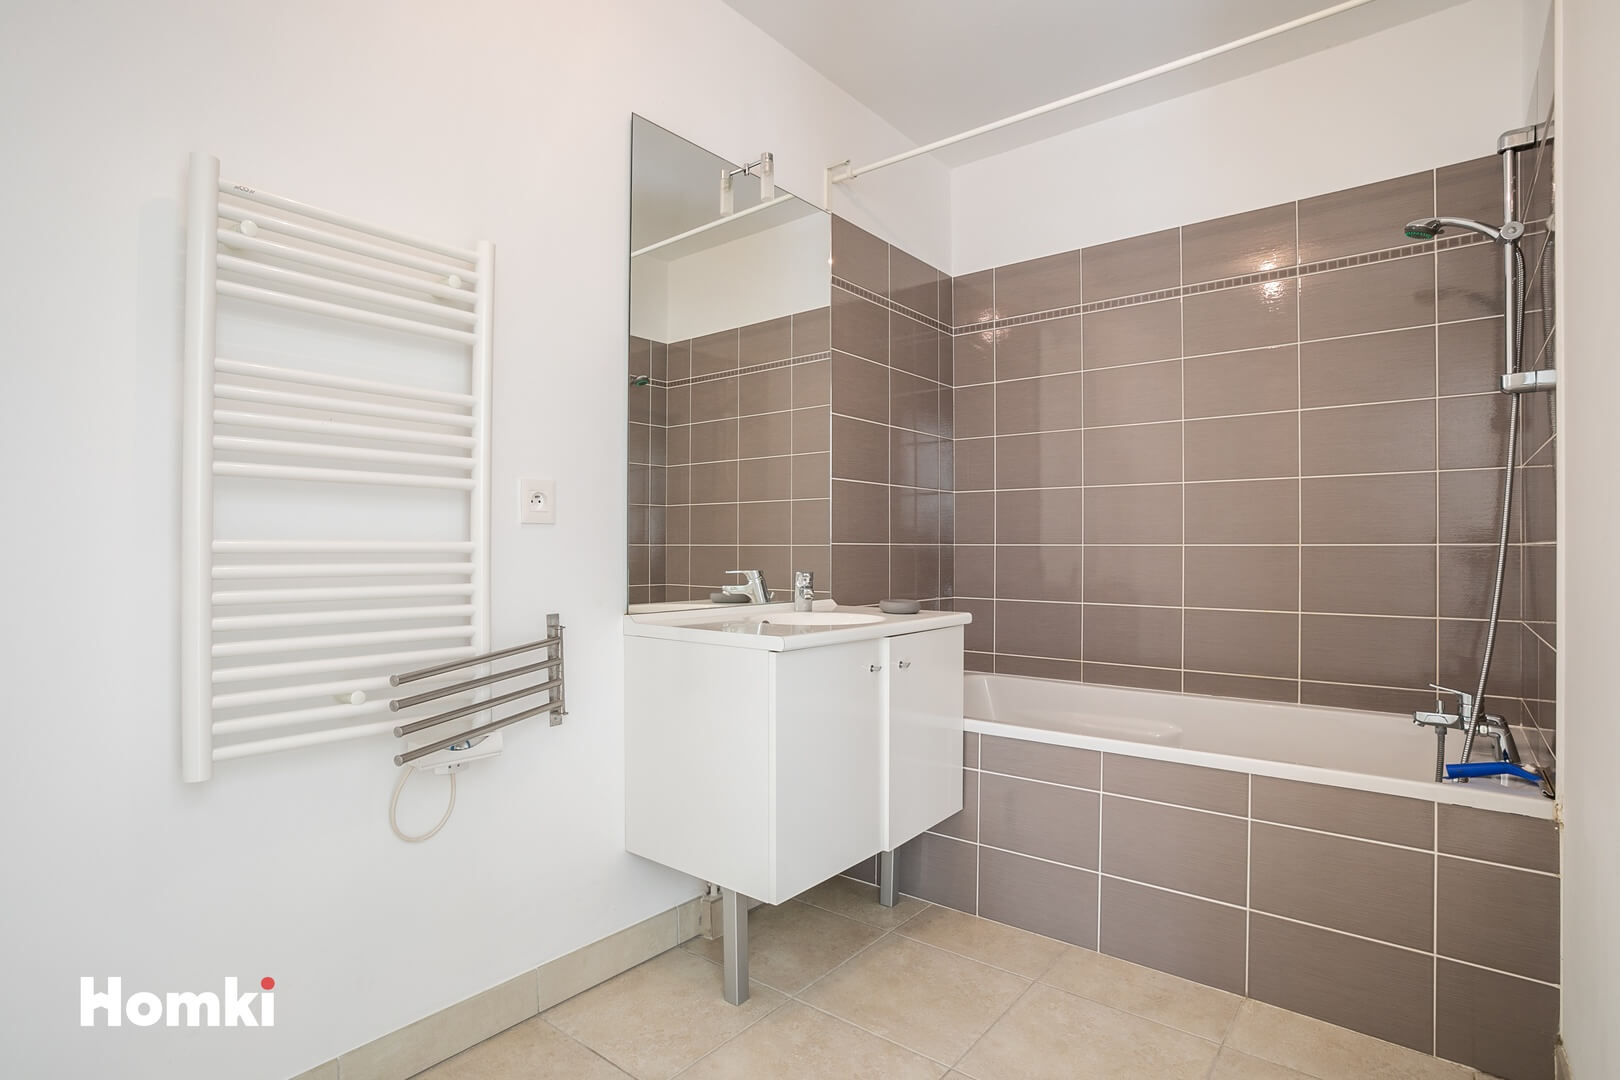 Homki - Vente Appartement  de 65.0 m² à Marseille 13008